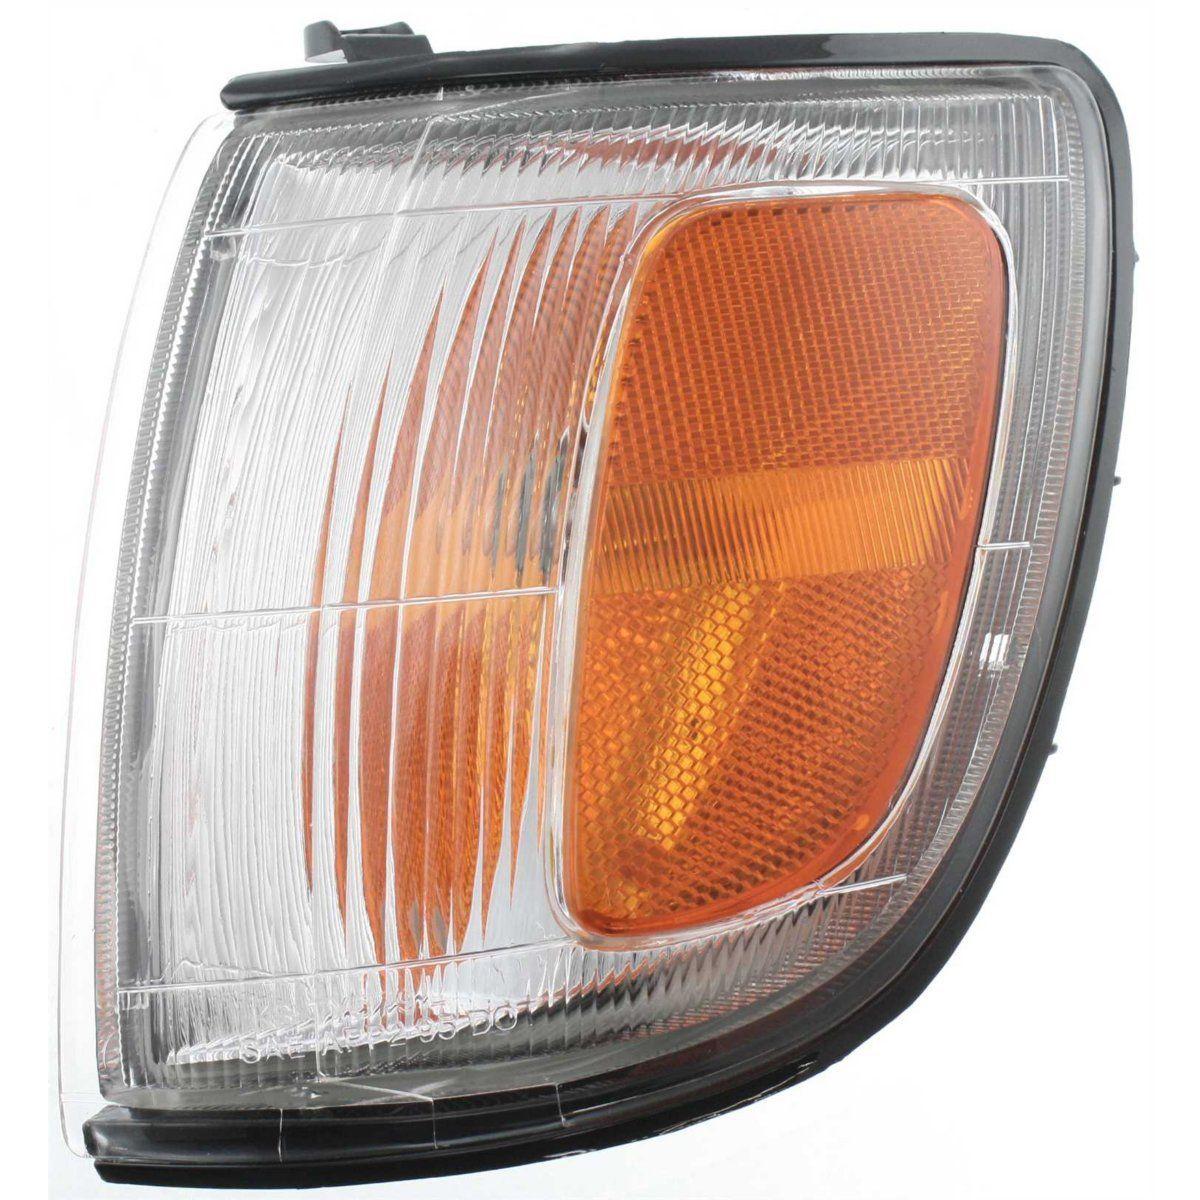 コーナーライト Corner Light For 96-97 Toyota 4Runner Driver Side Incandescent w/ Bulb コーナーライト96-97トヨタ4Runnerドライバーサイド白熱電球